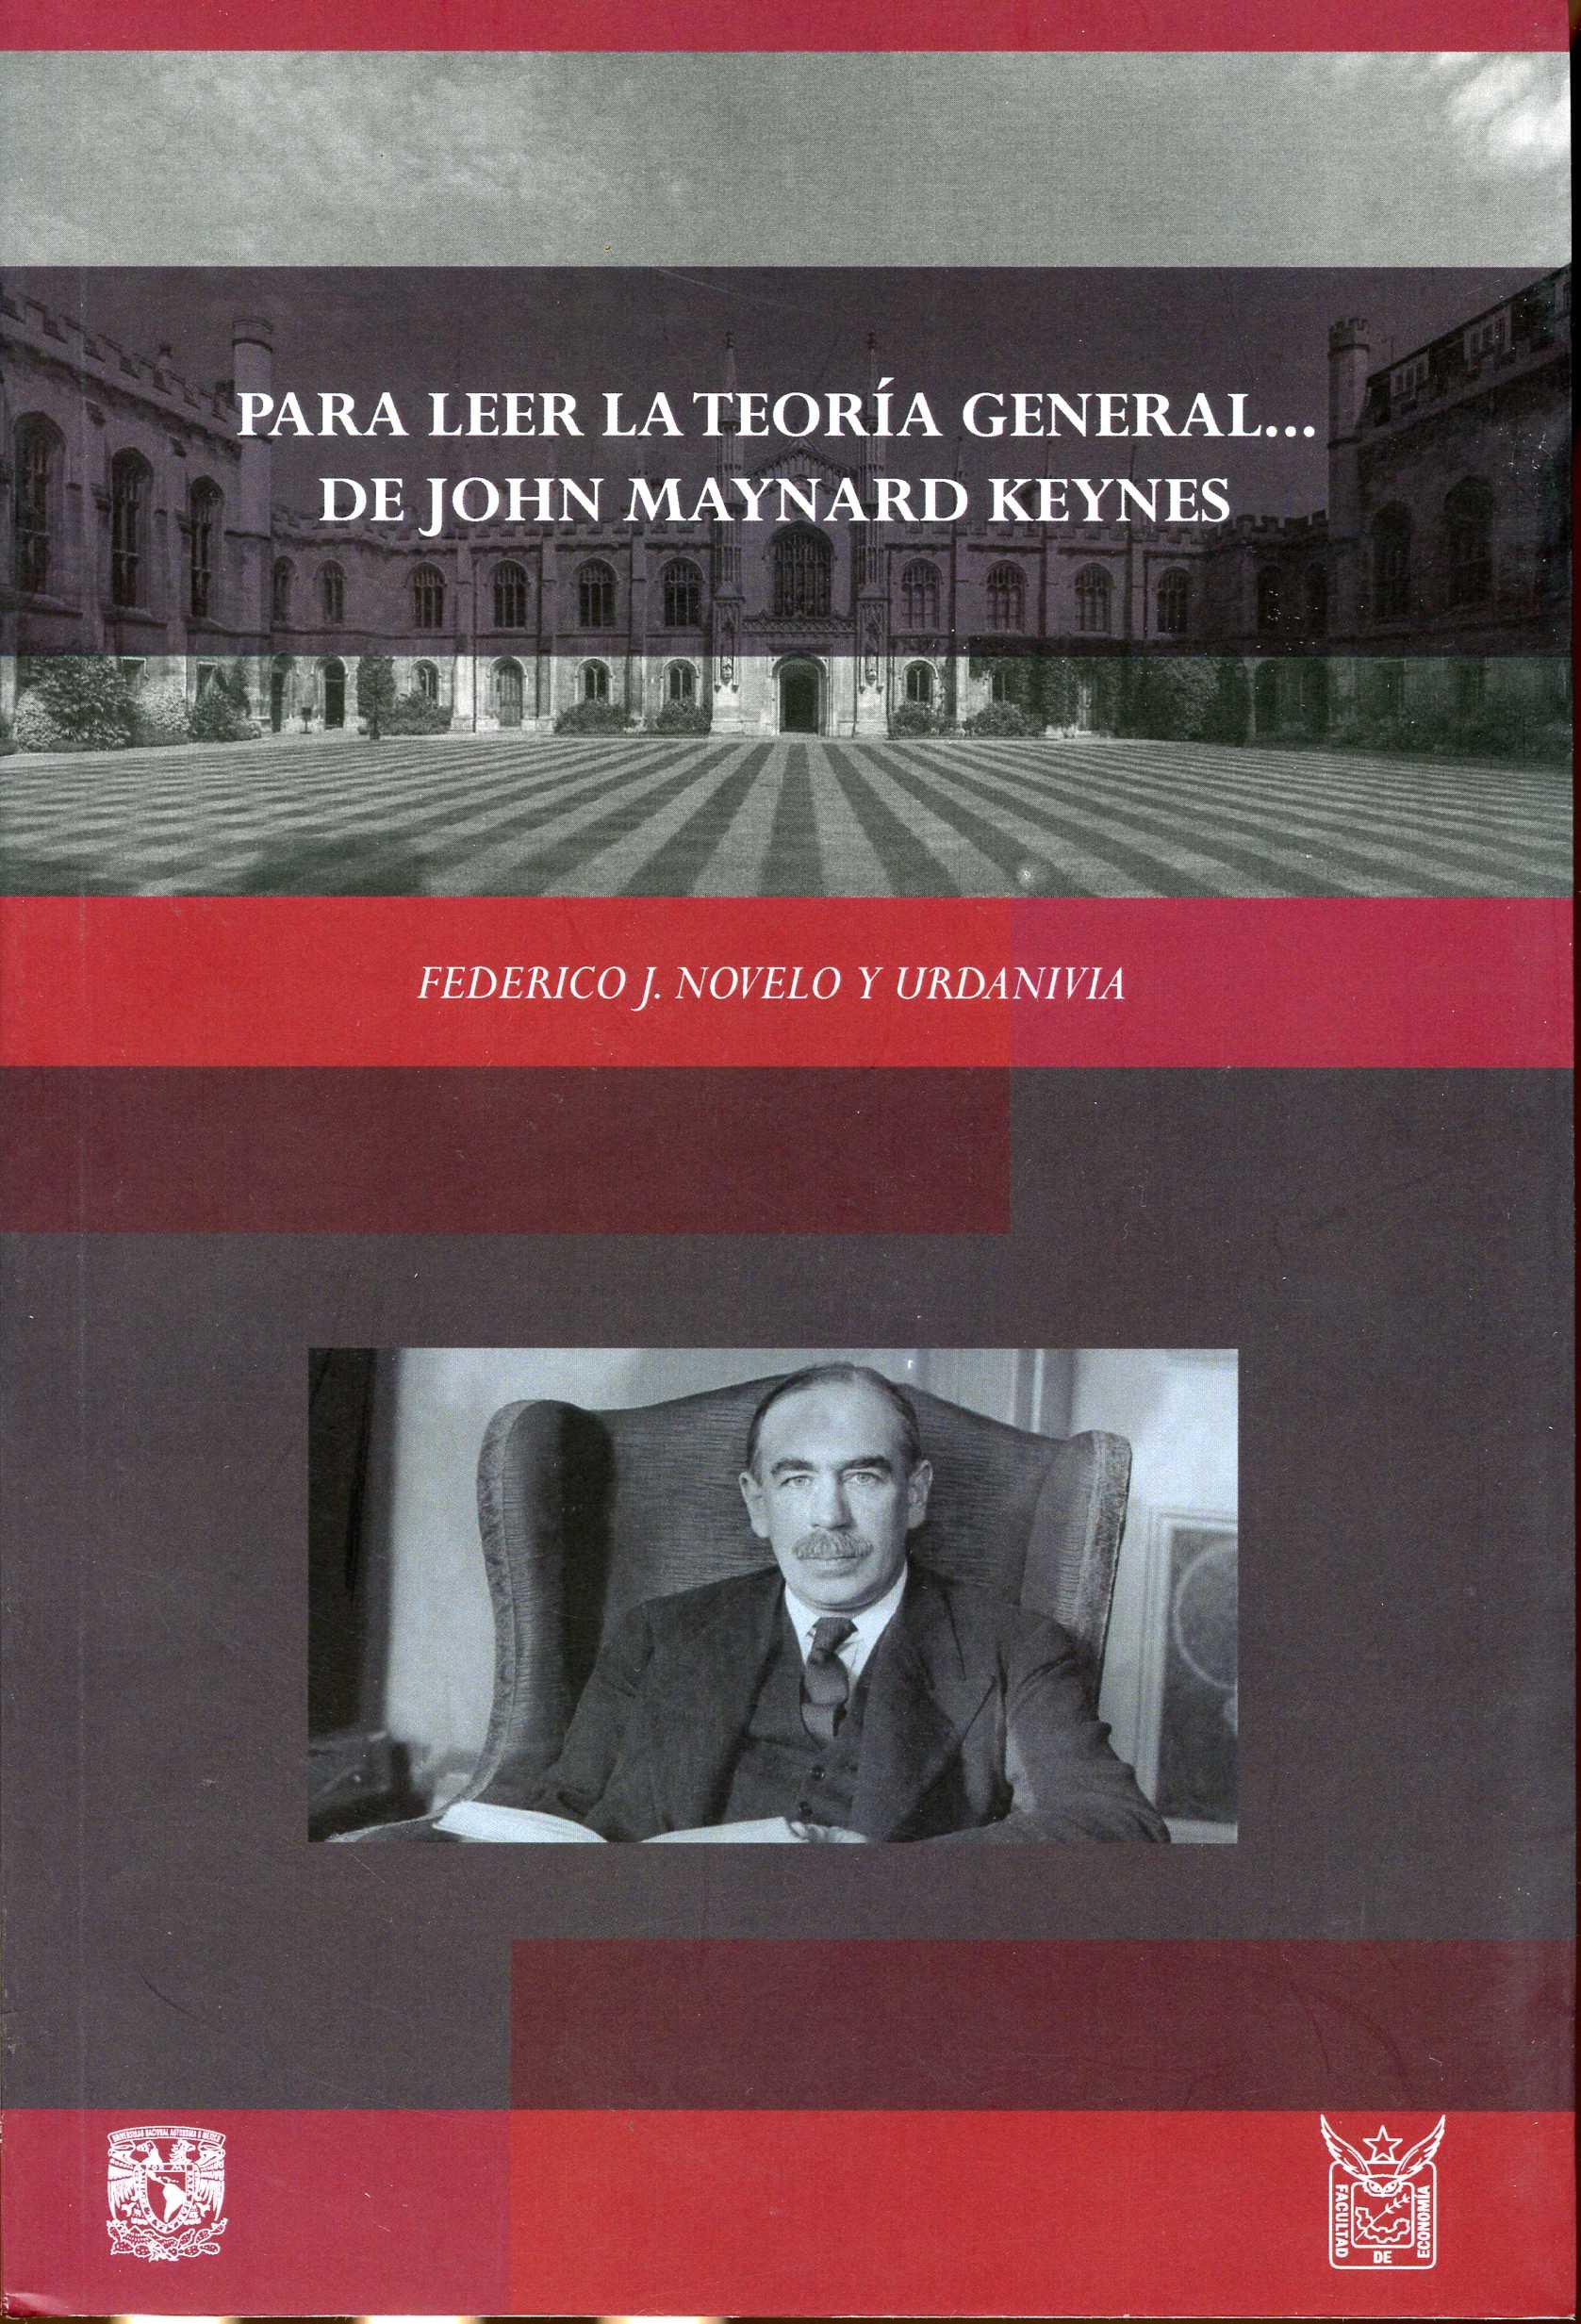 Para leer la teoría general...de John Maynrd Keynes